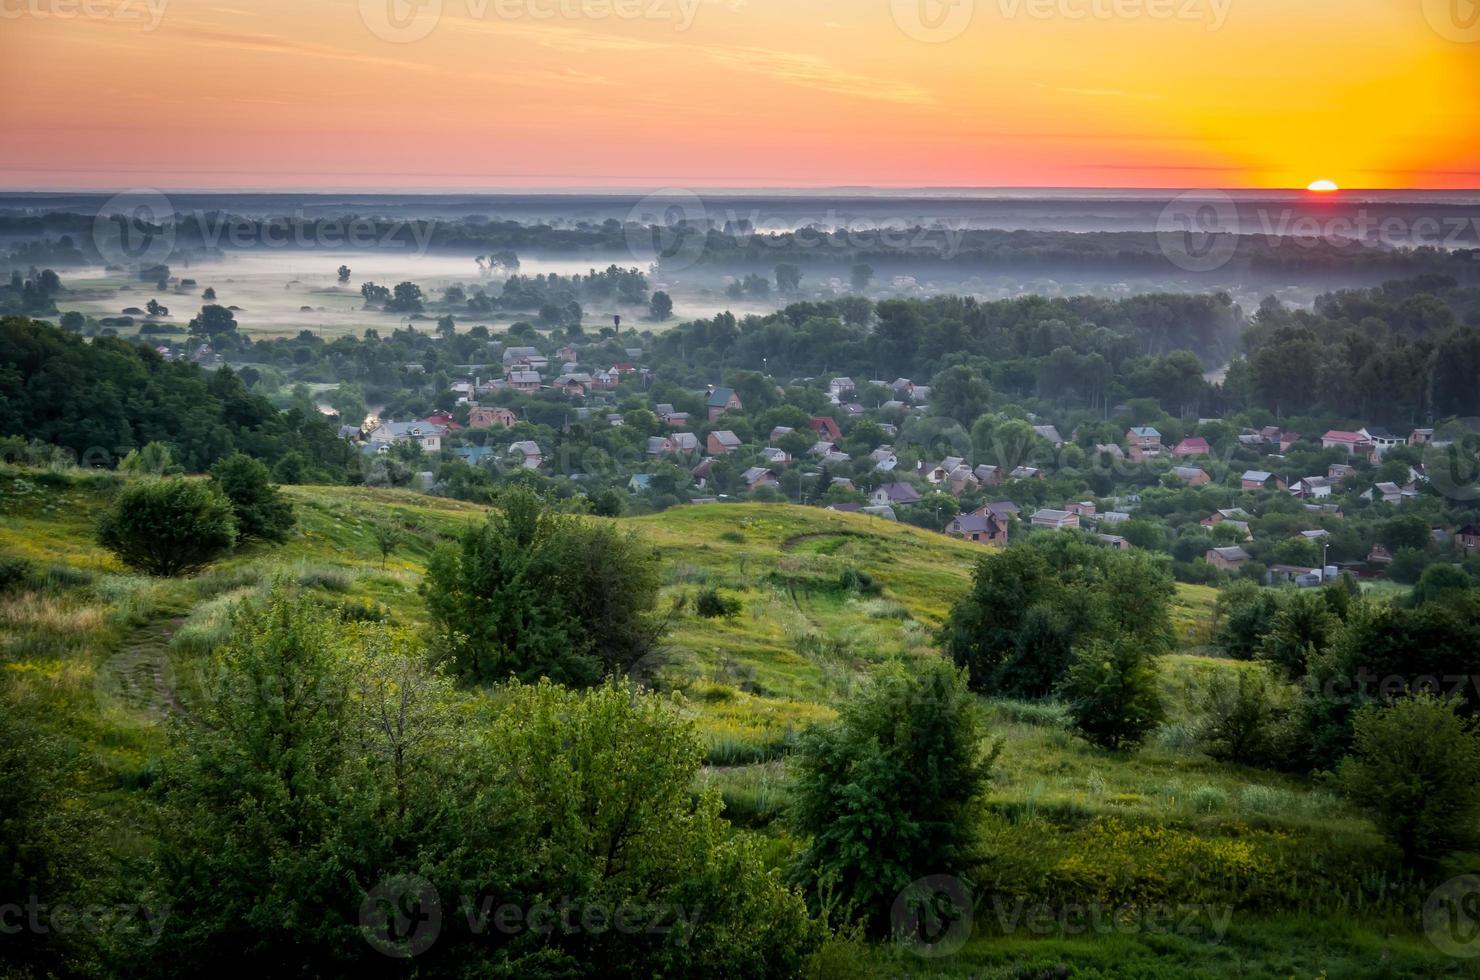 amanecer en el verano foto